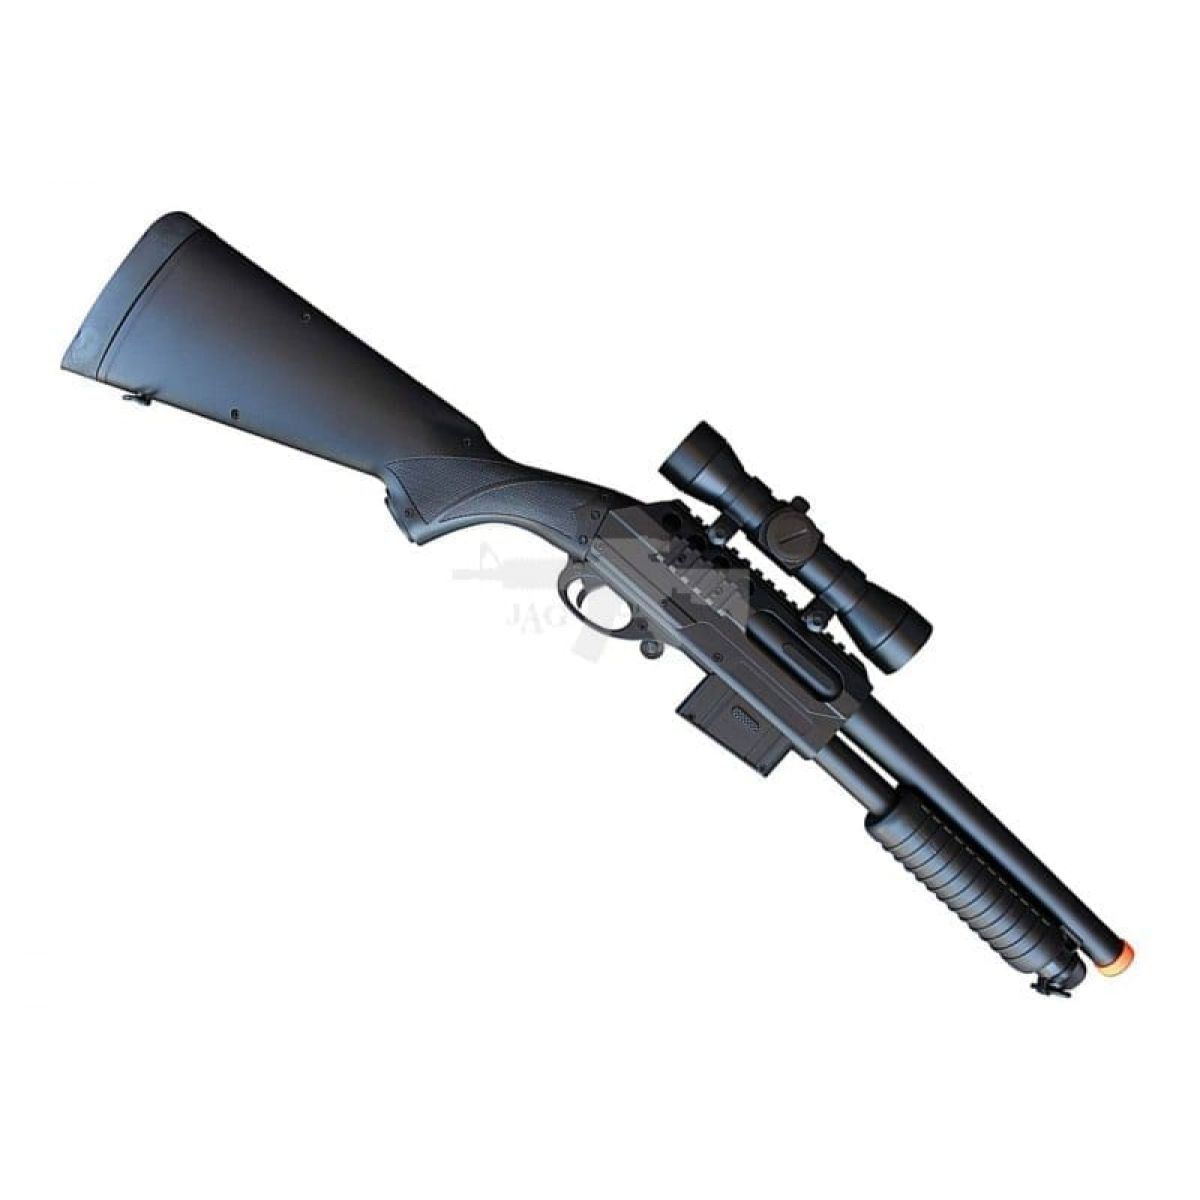 M47A1 UTG TACTICAL AIRSOFT SPRING SHOTGUN